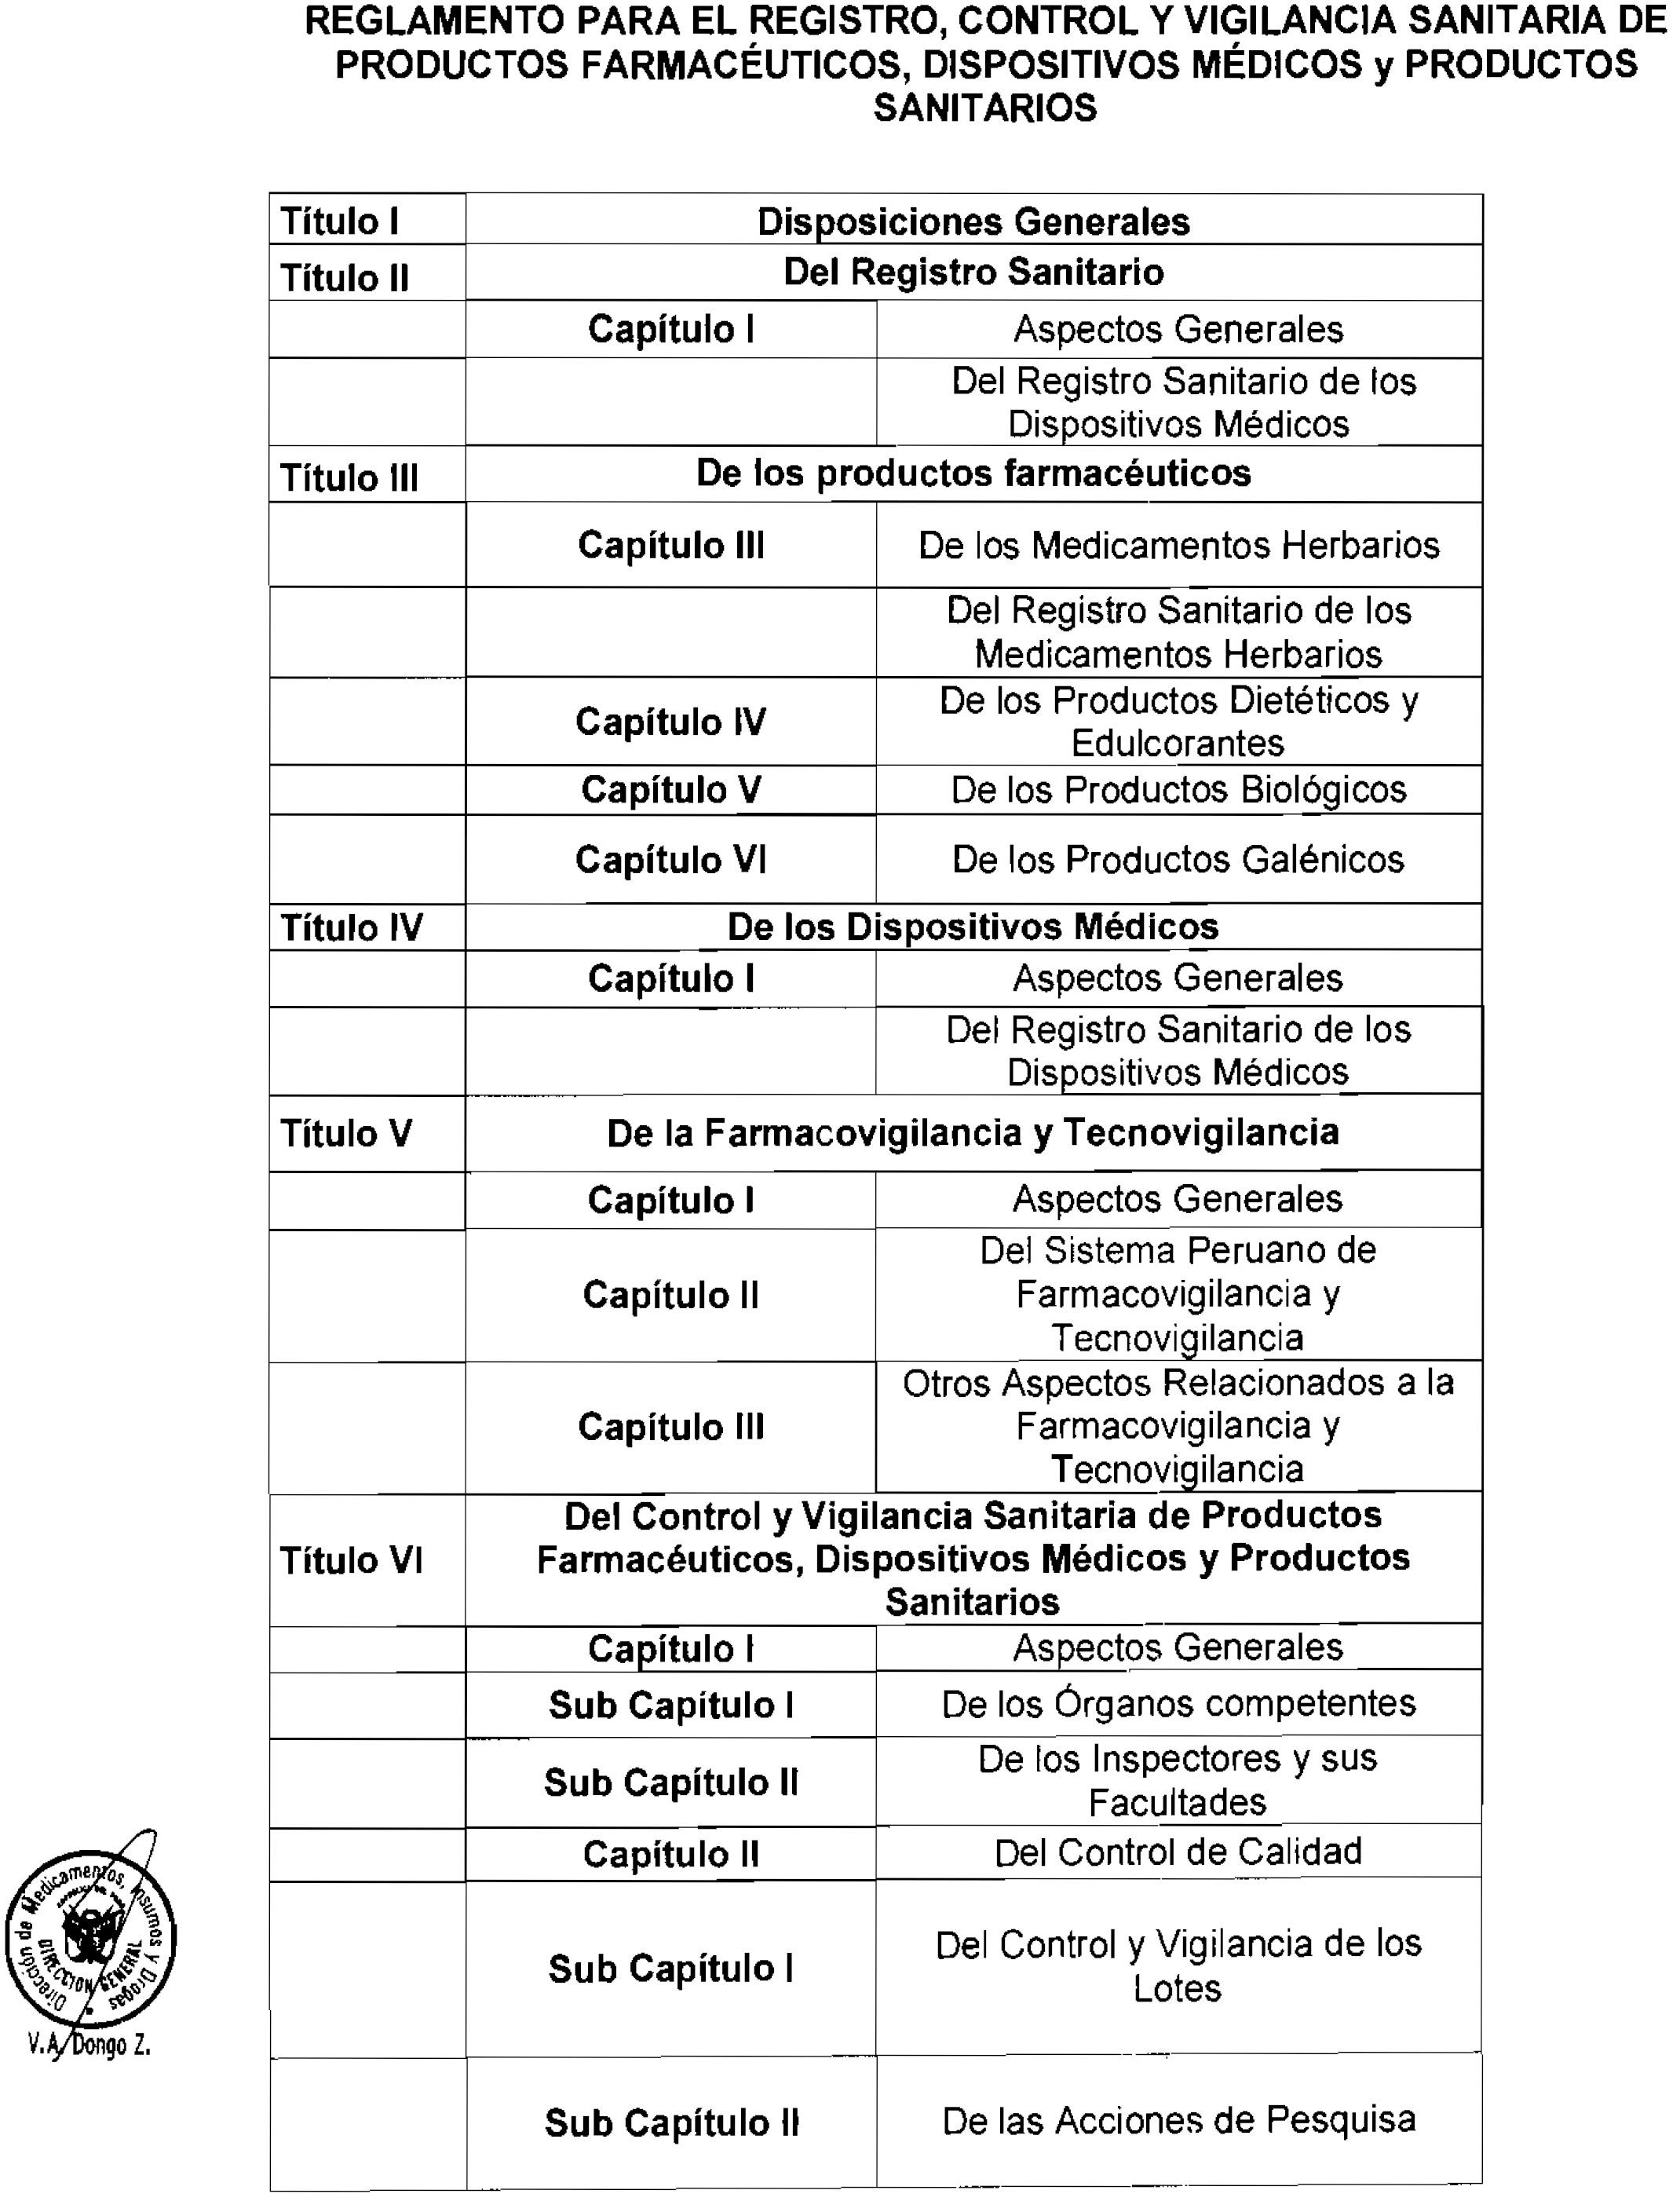 i_encuentro_cientifico_1016-2